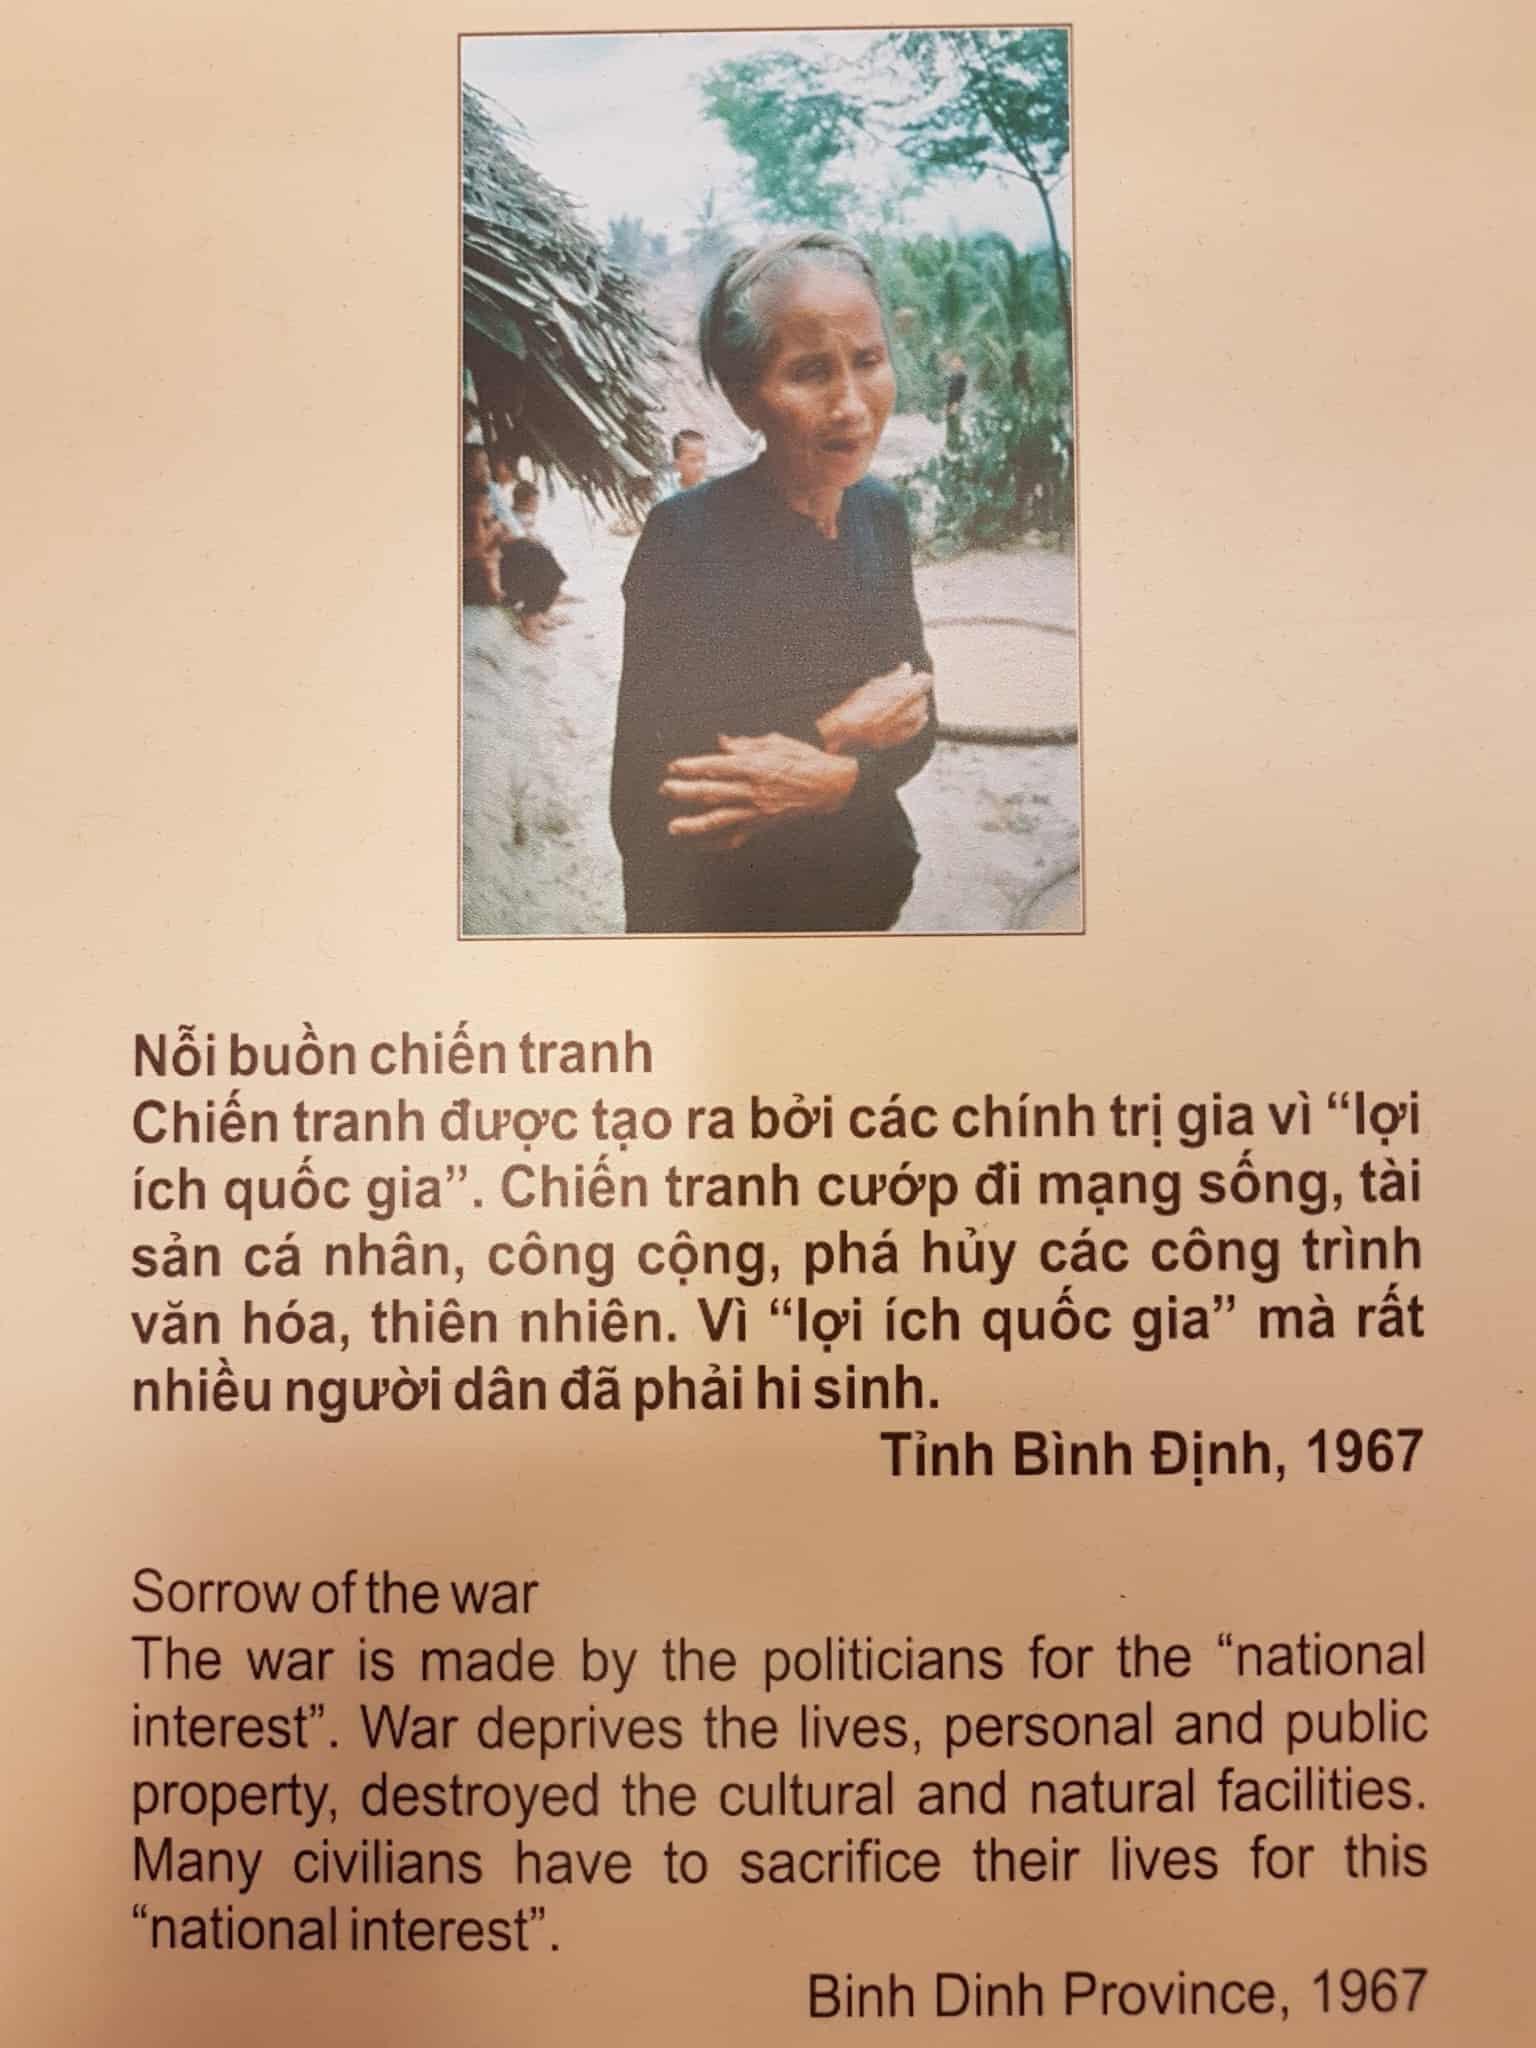 Vietnam, on visite le Musée des Vestiges de Guerre pour comprendre l'histoire du pays 📖 12